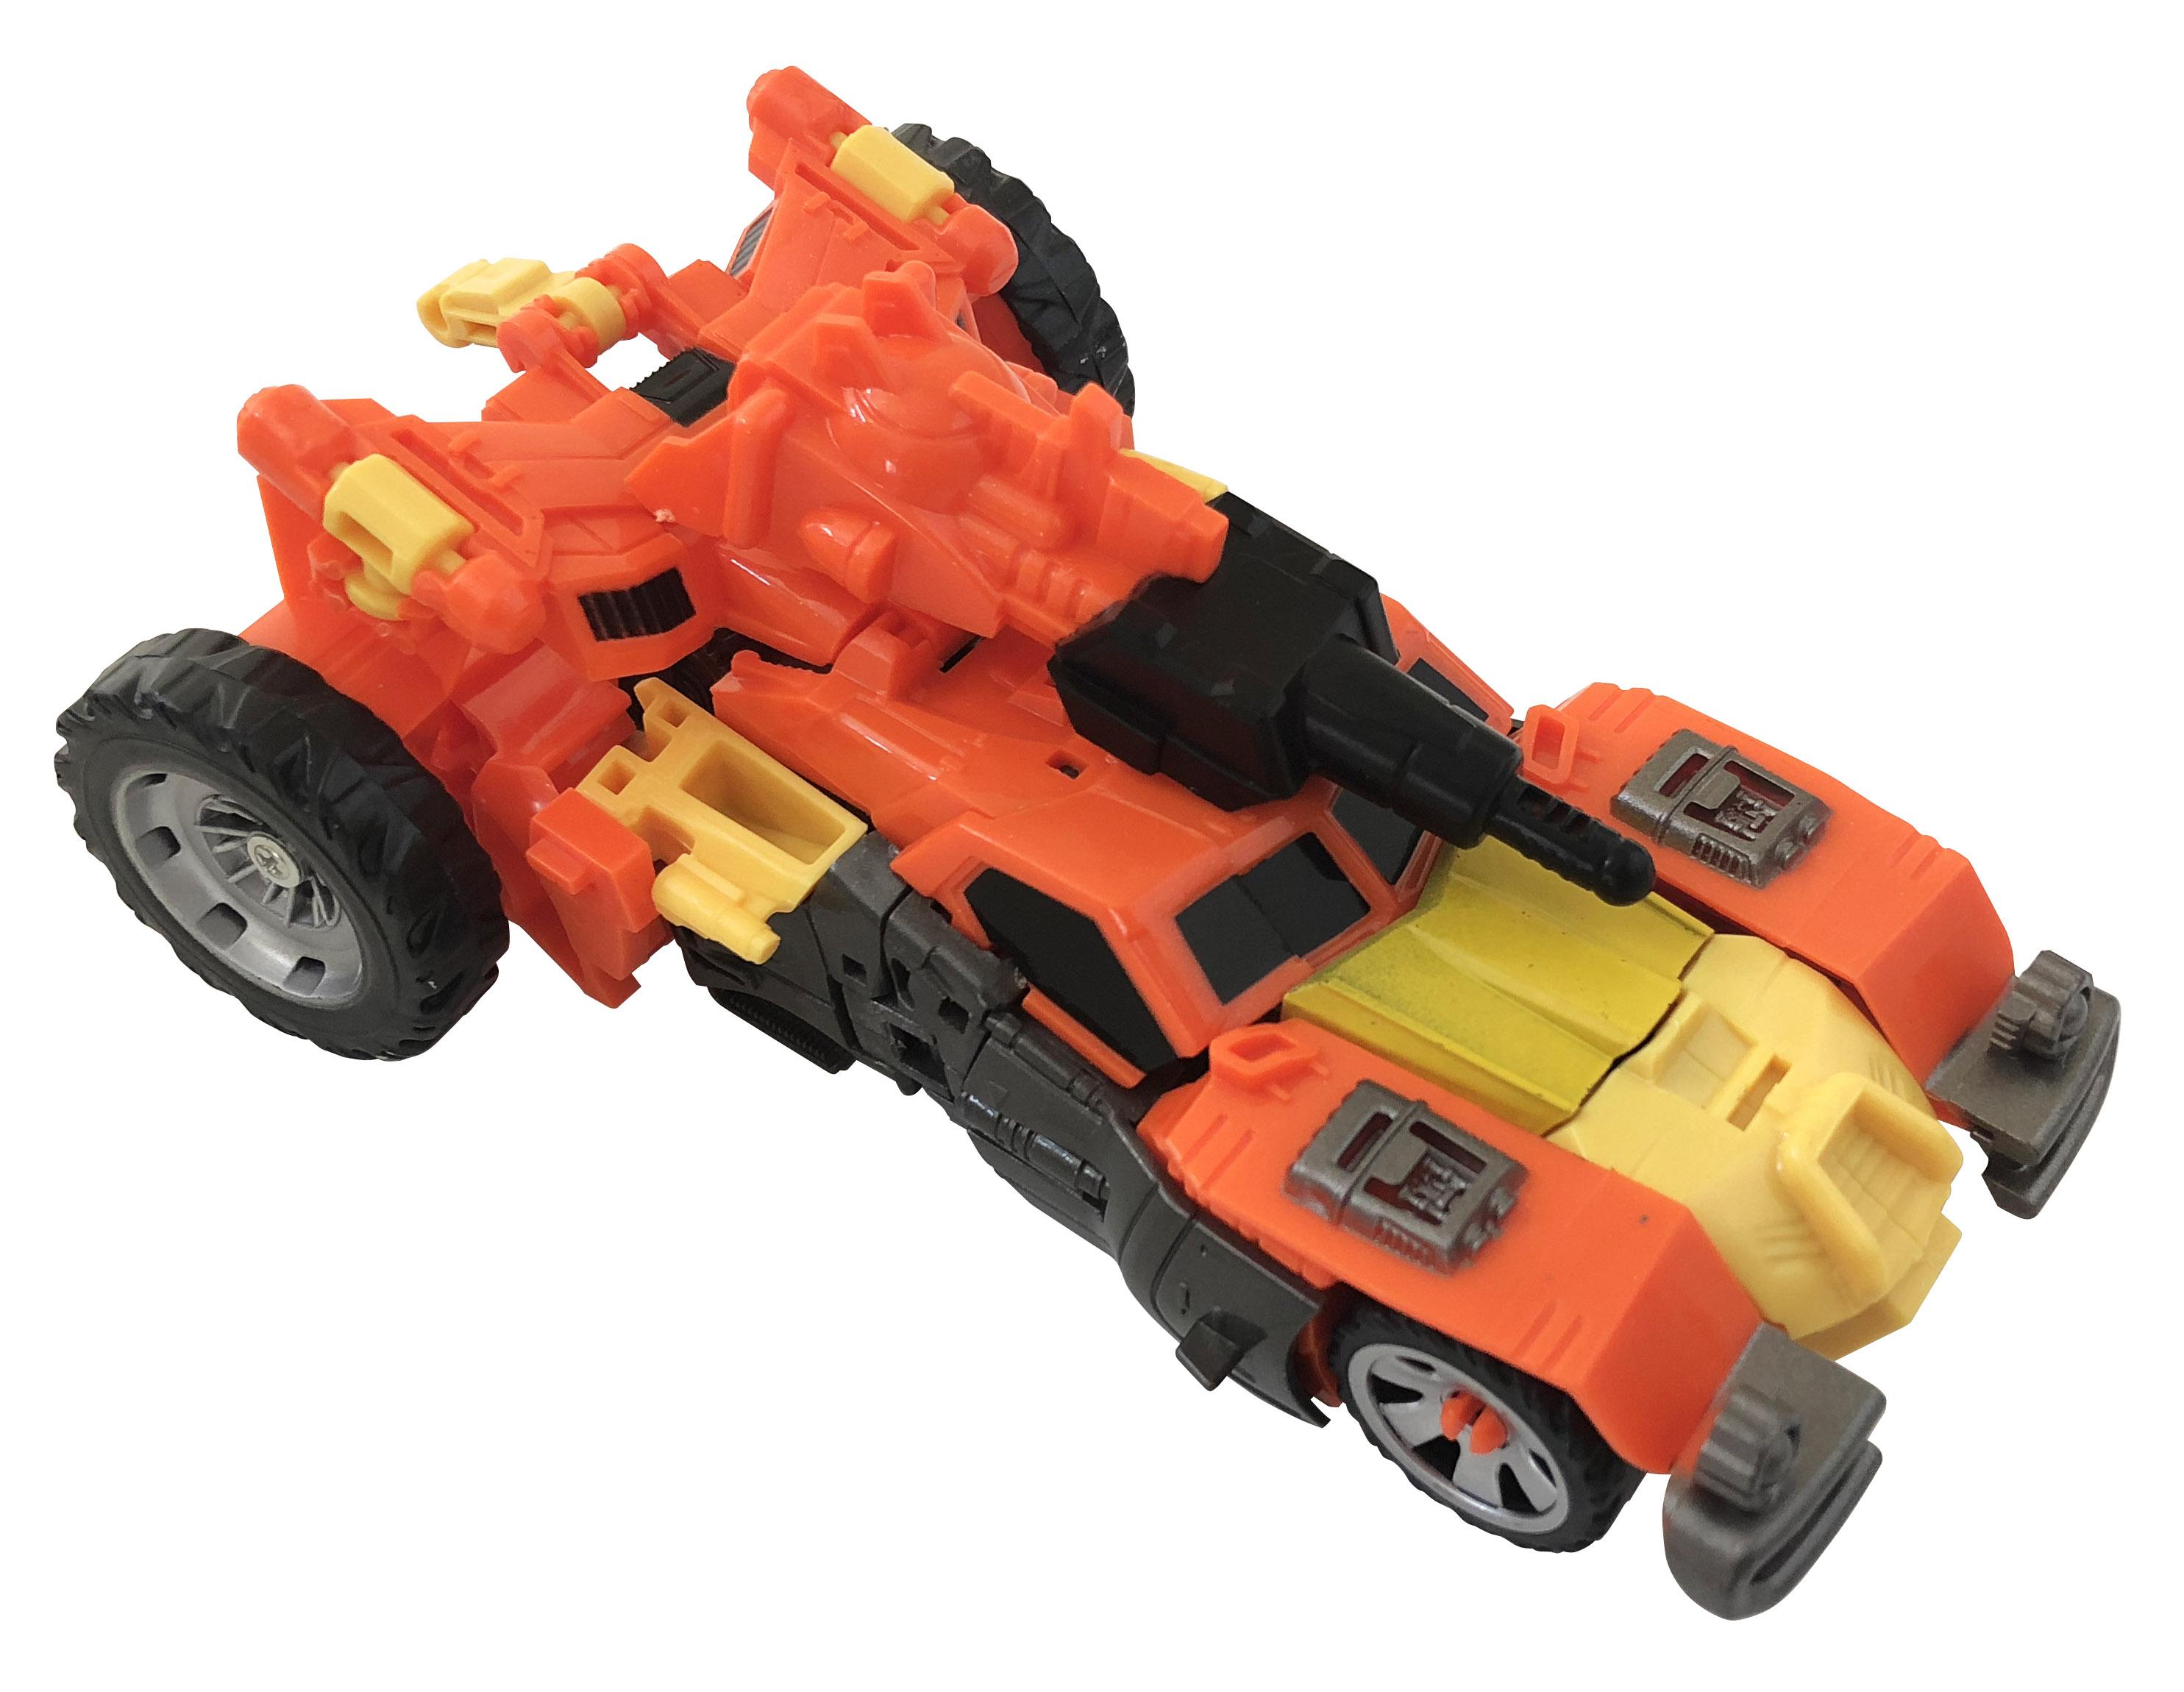 Робот-трансформер 3 в 1 База игрушек Защитник робот трансформер 3 в 1 база игрушек защитник